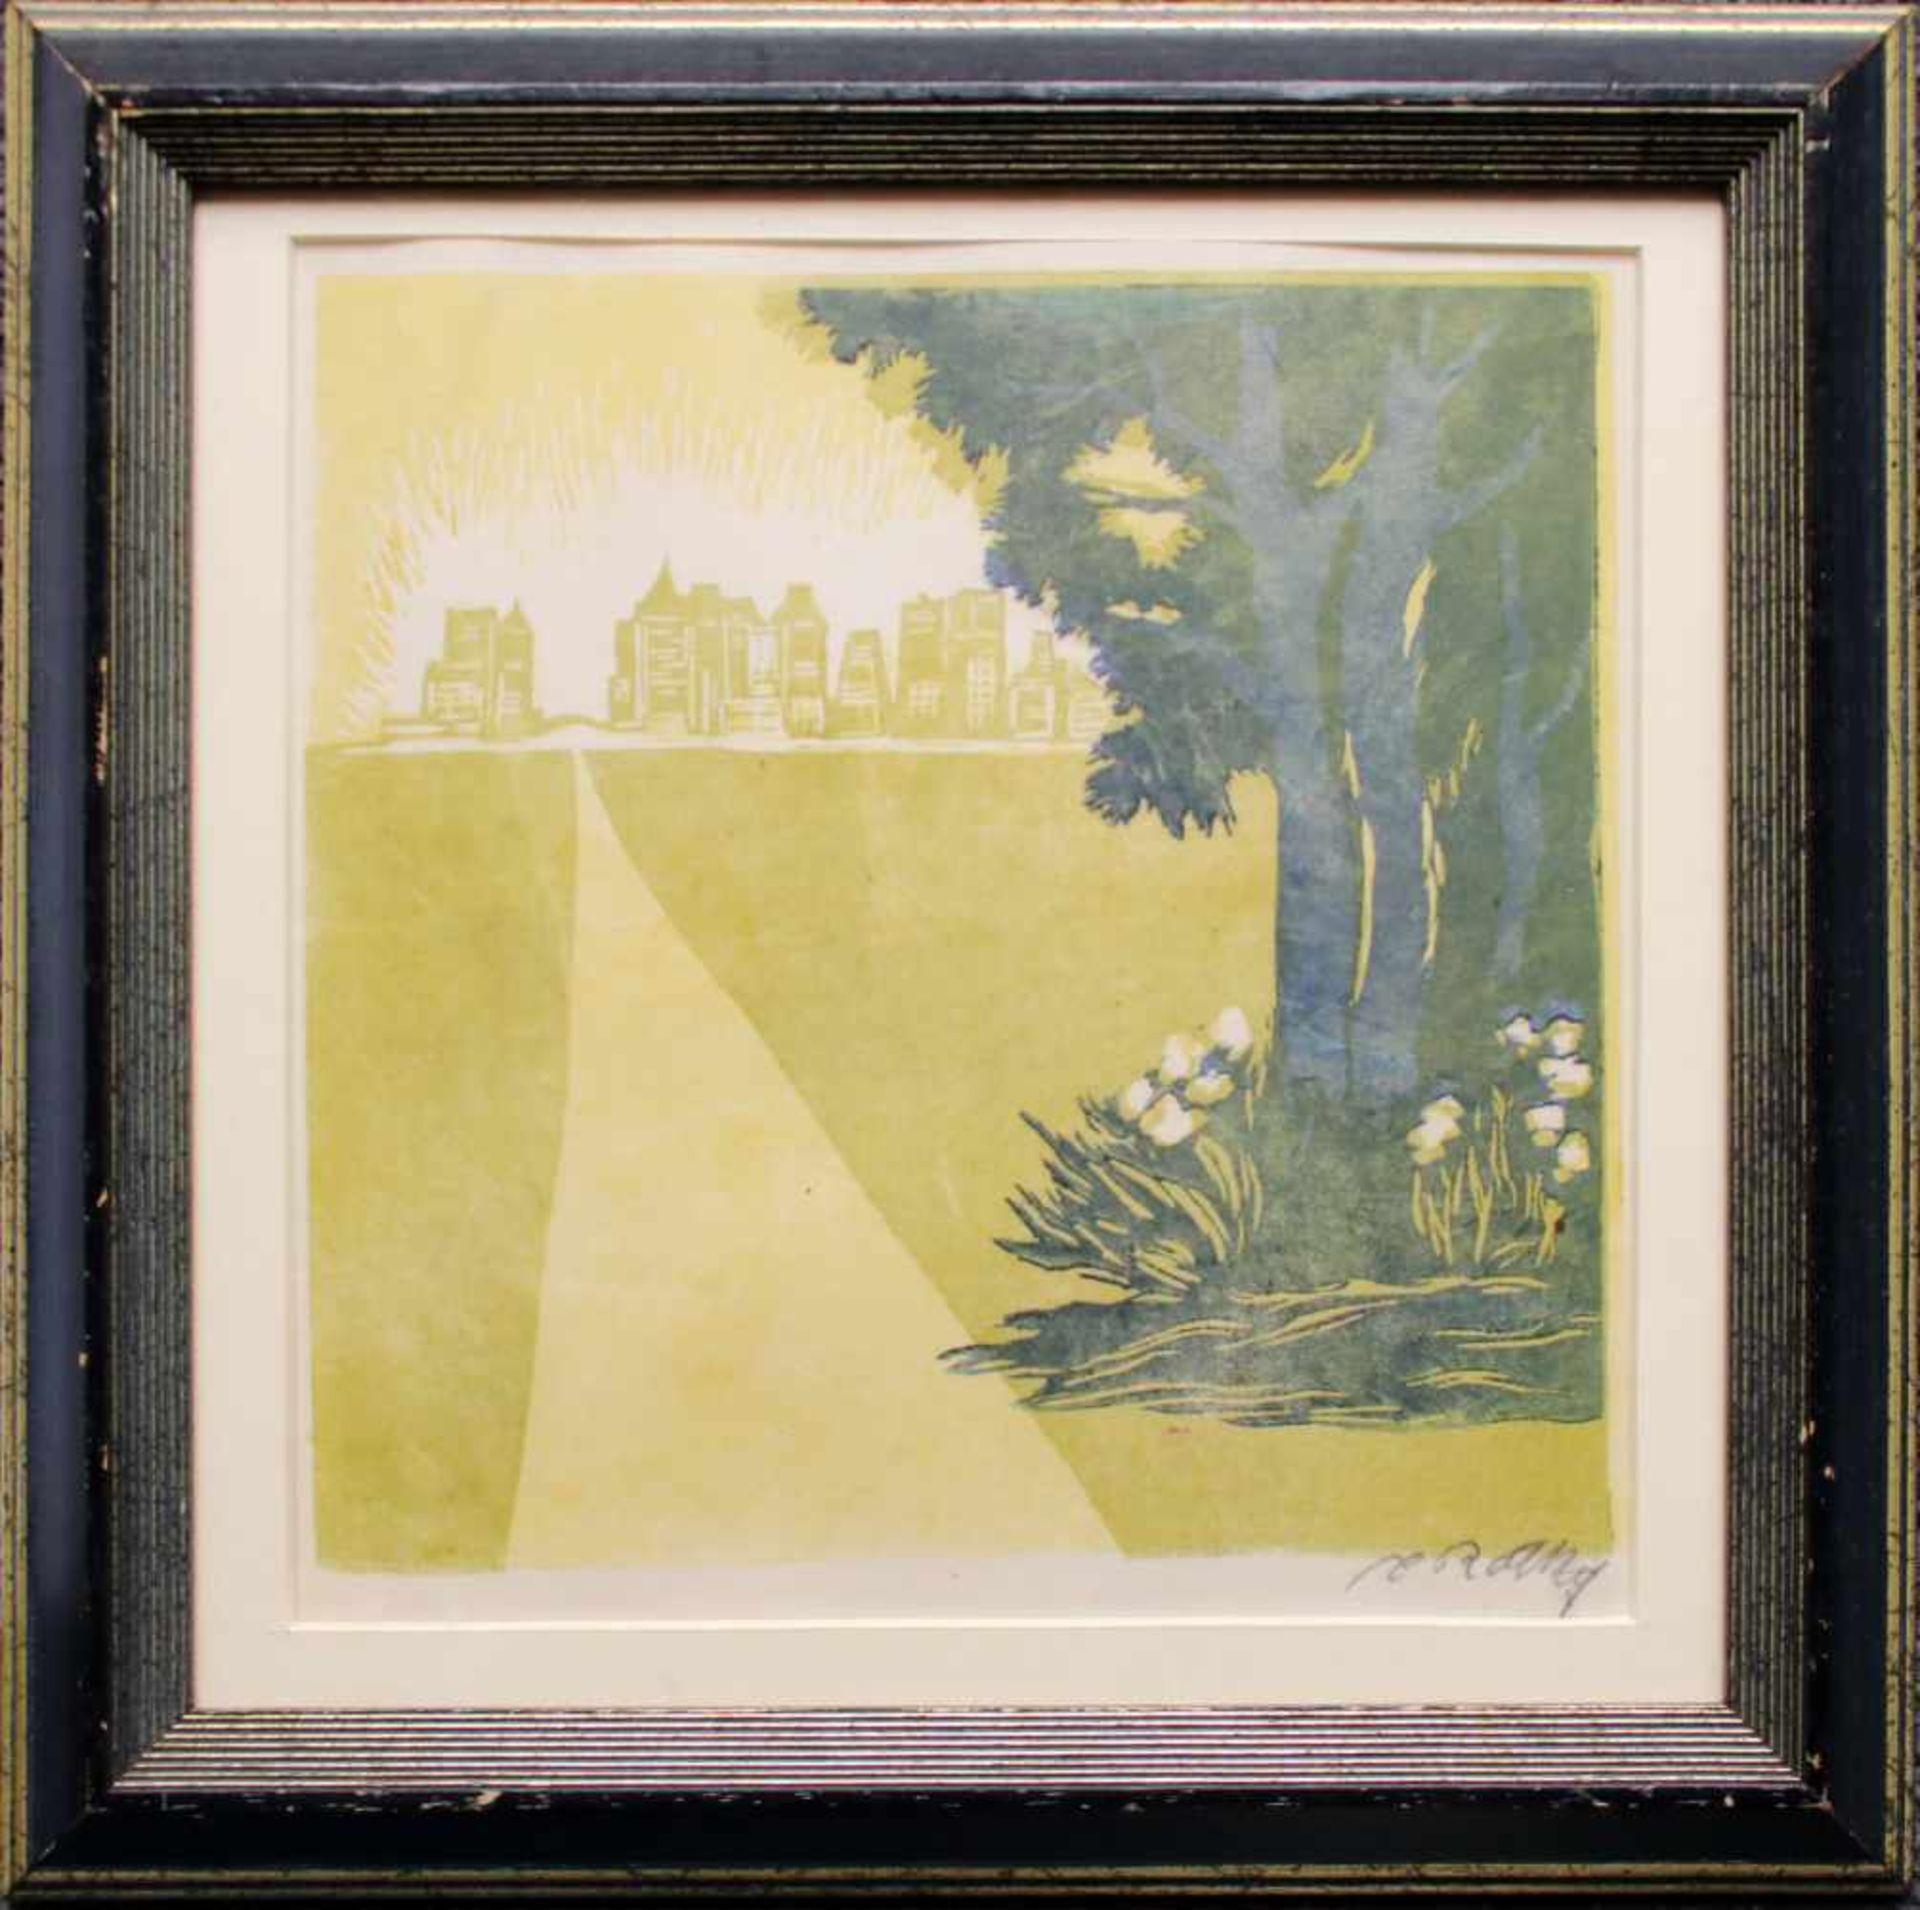 Carl Rotky (1891 - 1977) Weg zur Stadt Farblinolschnitt Signiert 22 x 22 cm